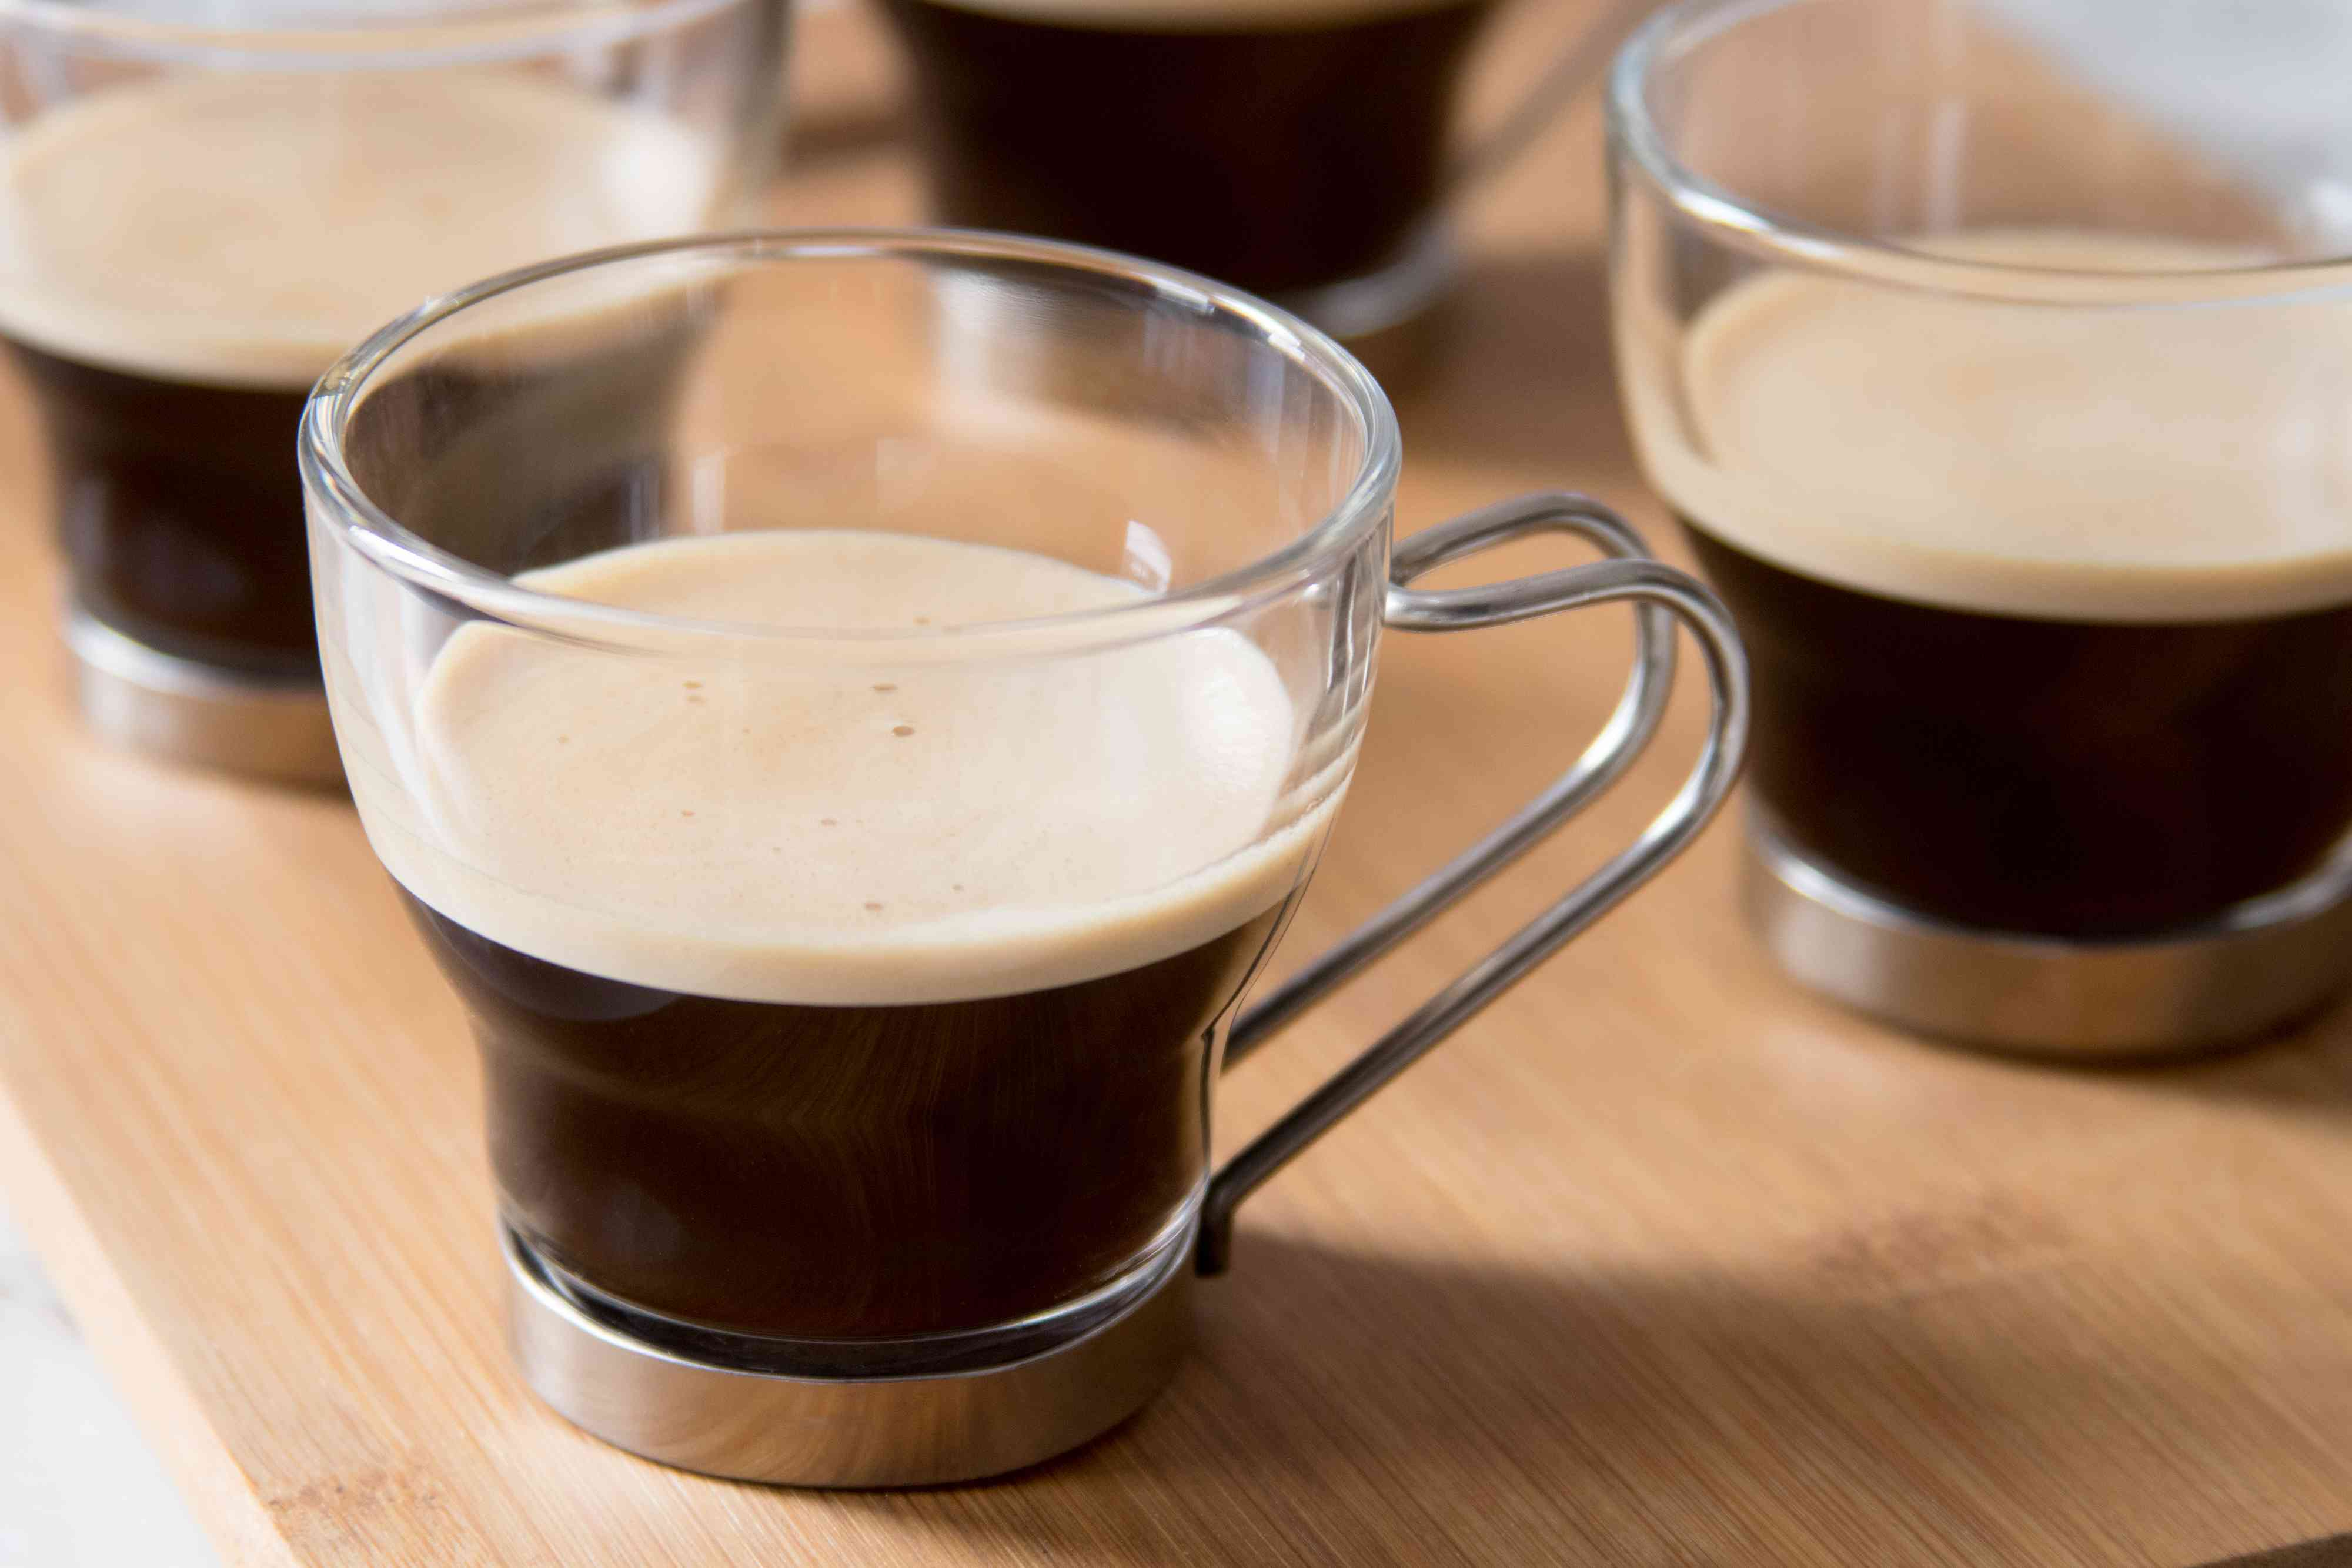 Cuban Coffee in cups